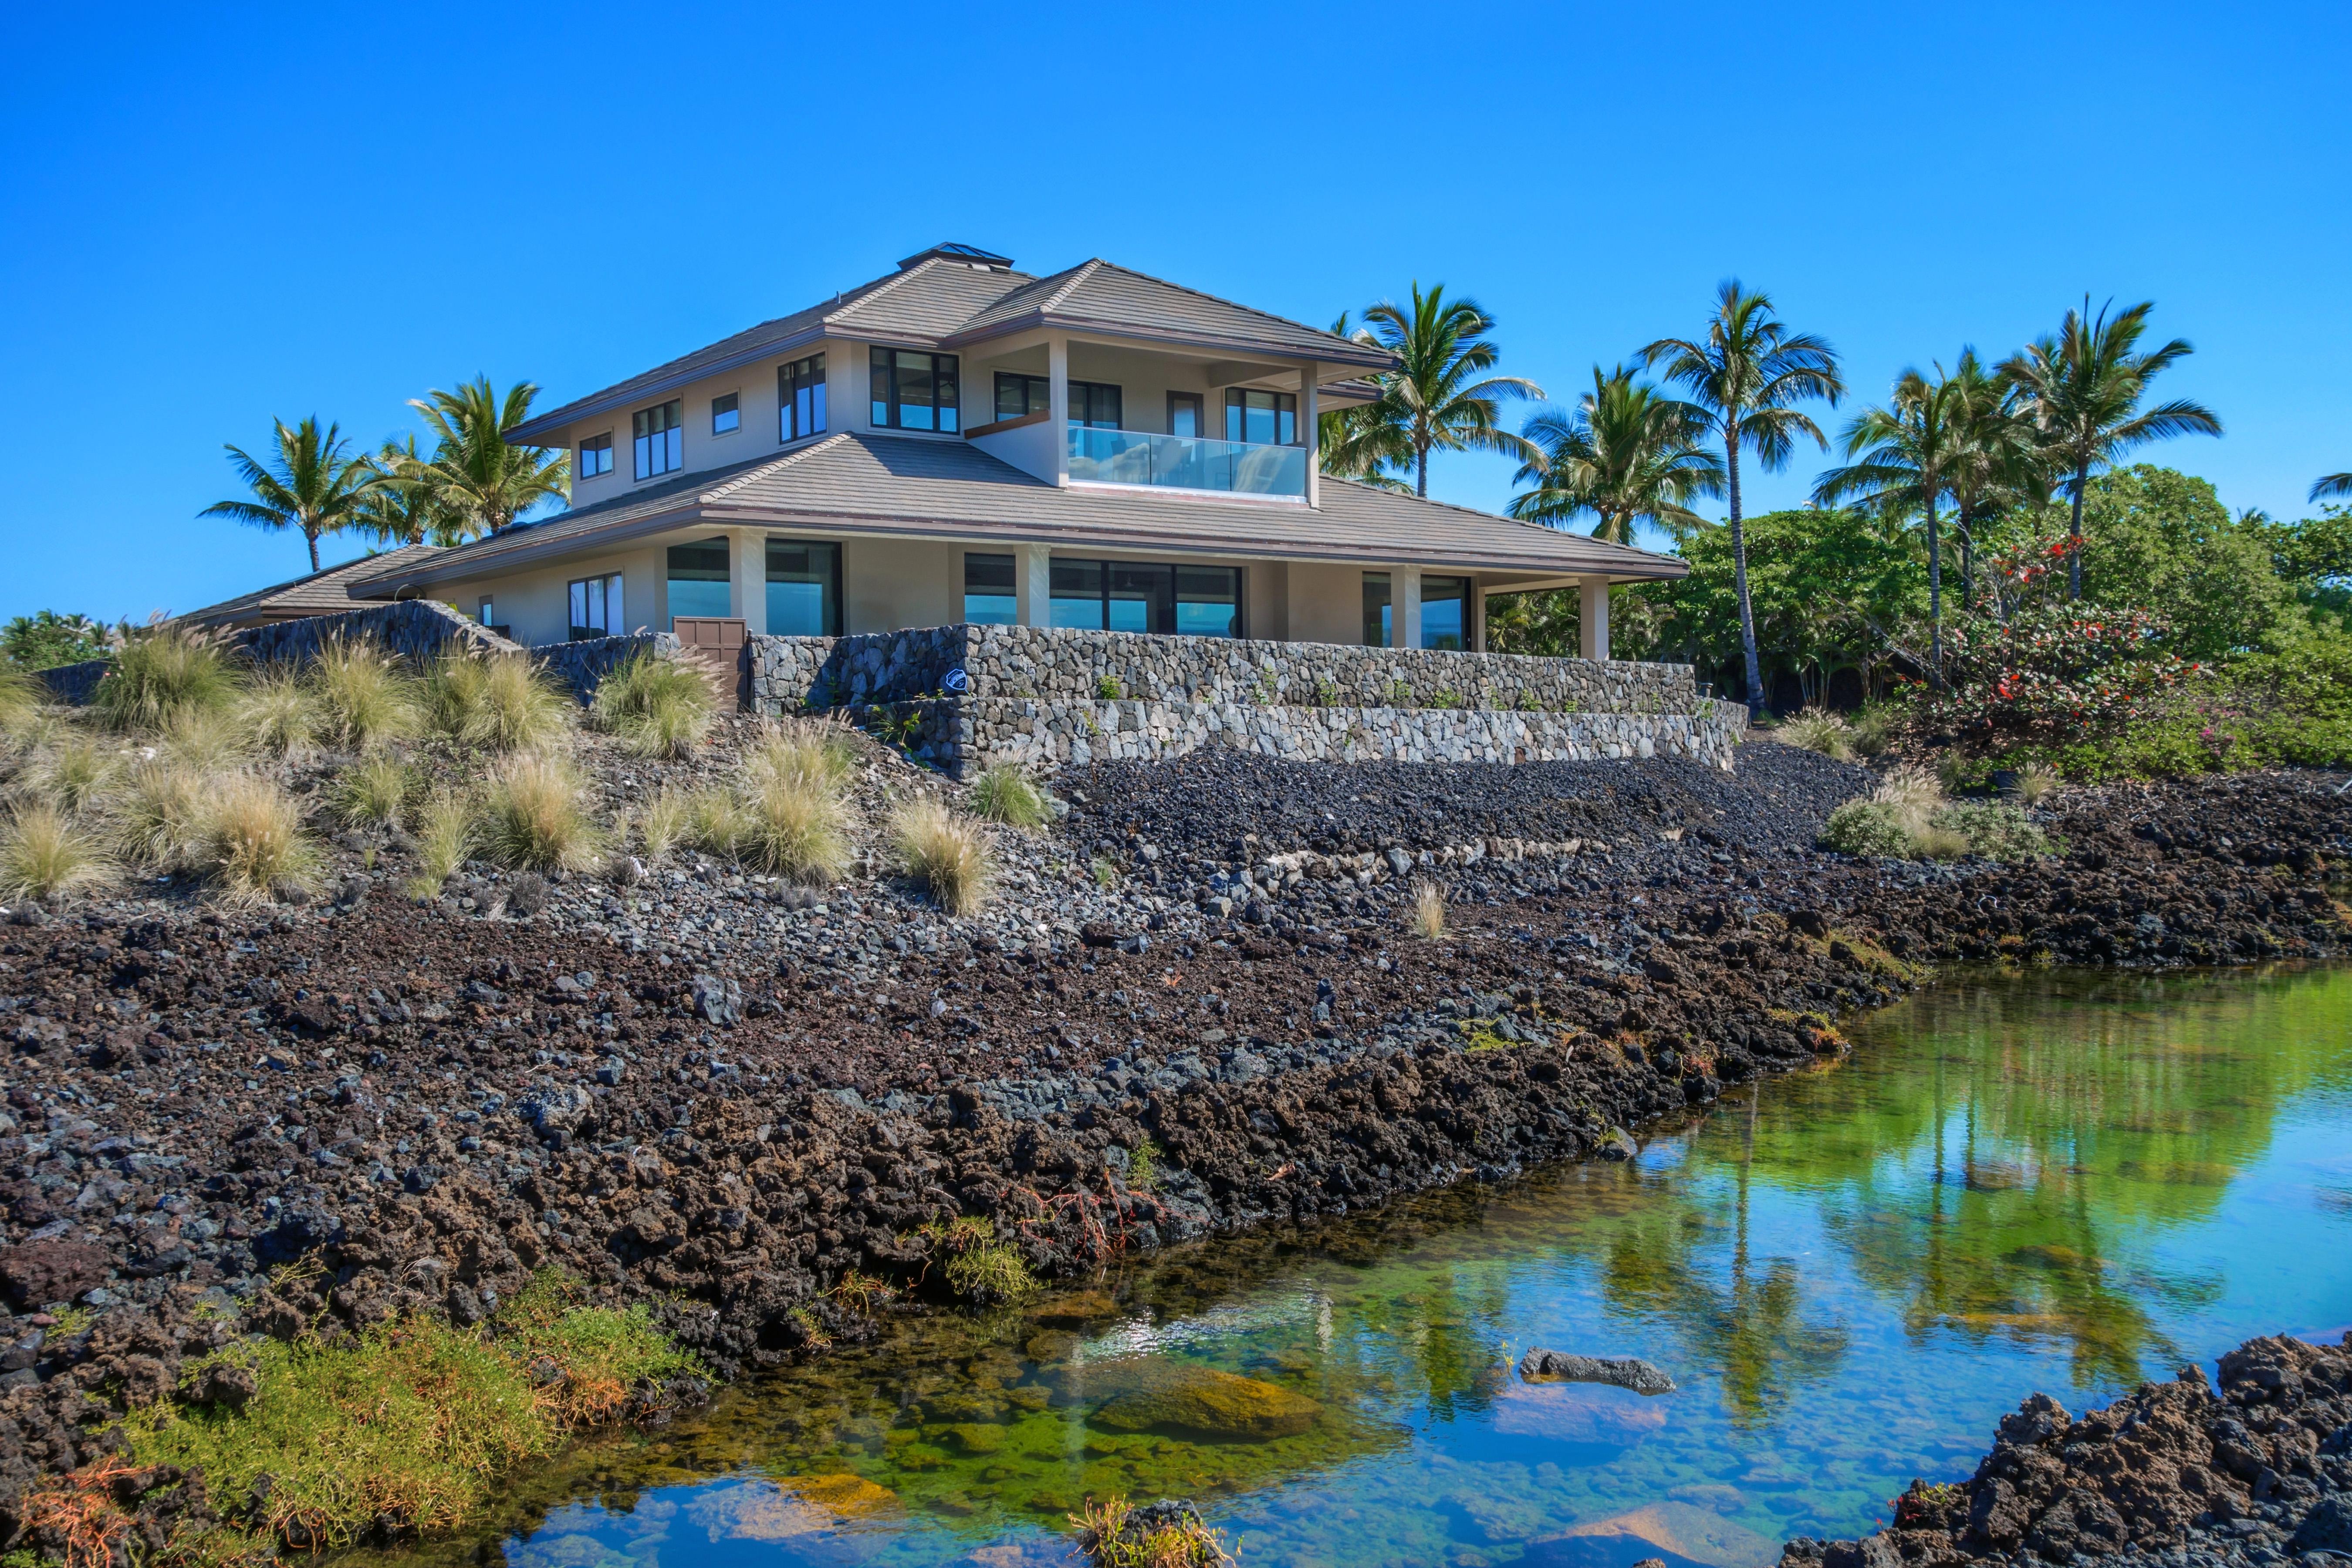 Hawaii 409 - 2